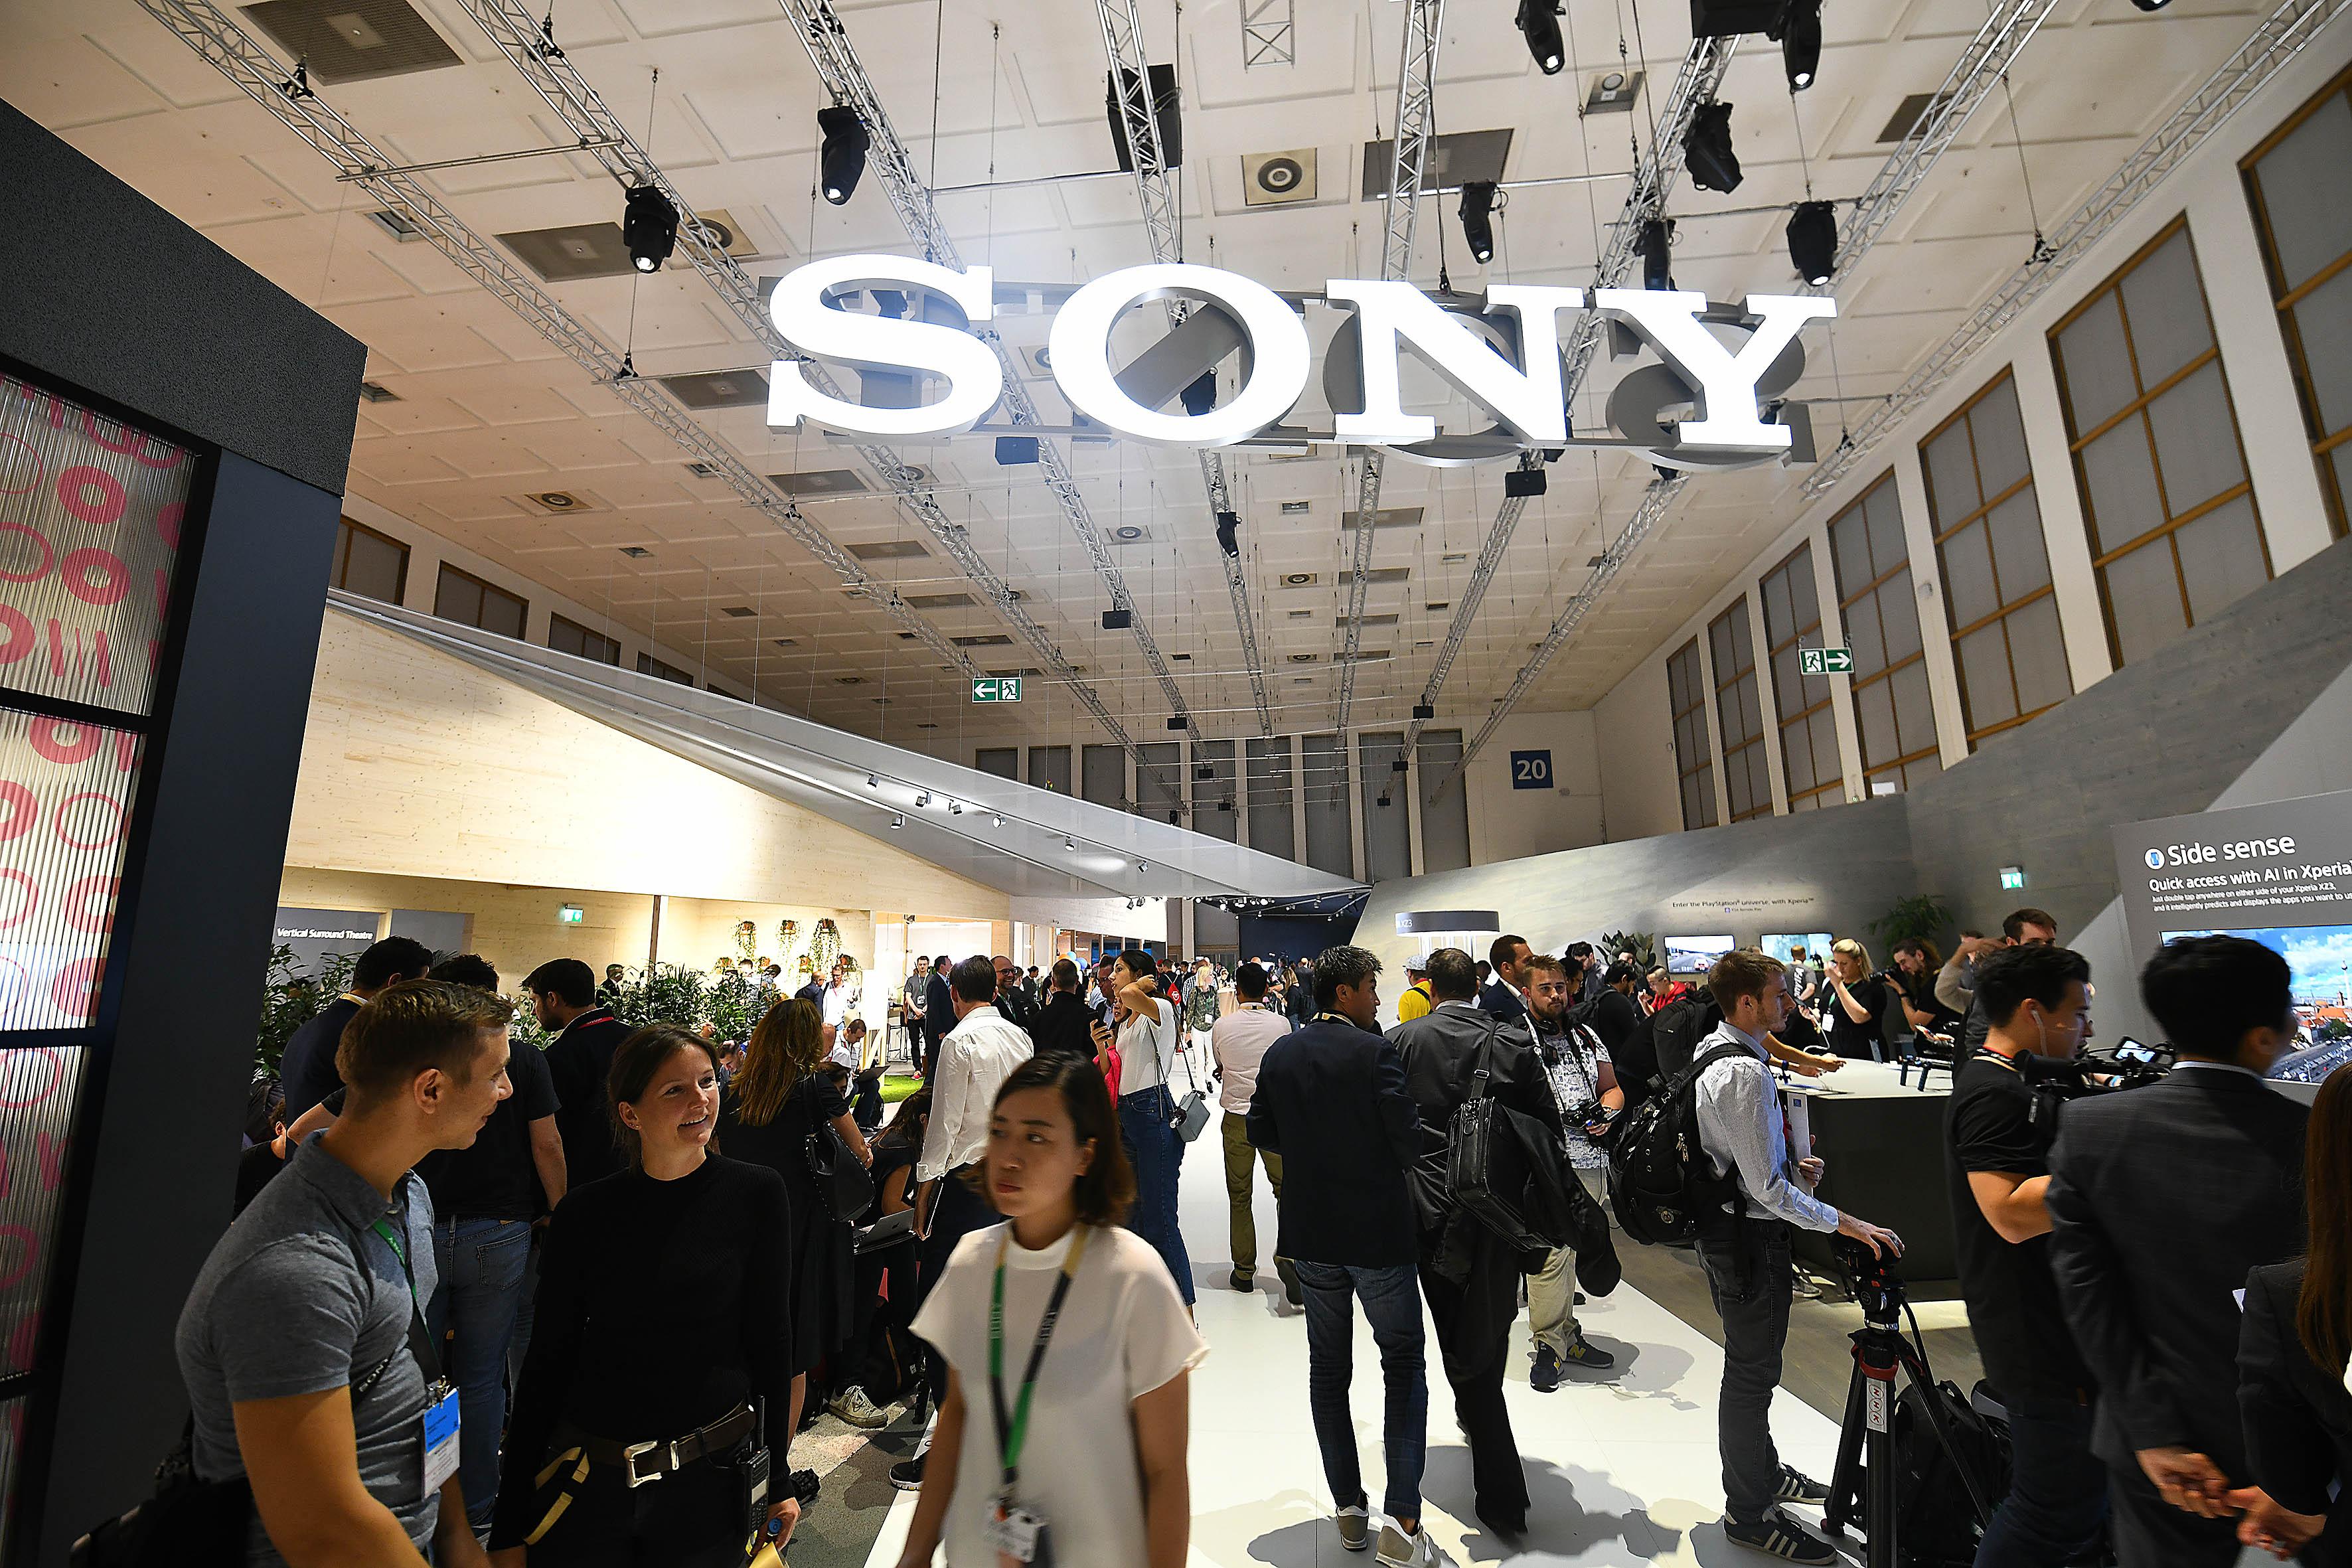 Foto: Michael B. Rehders Nach der Pressekonferenz platzt der Stand von Sony aus allen Nähten. Zugang haben nur Journalisten. Diese können sich nach Herzenslust über Neuheiten informieren und alles ausprobieren, was an technischen Geräten vorgeführt wird.